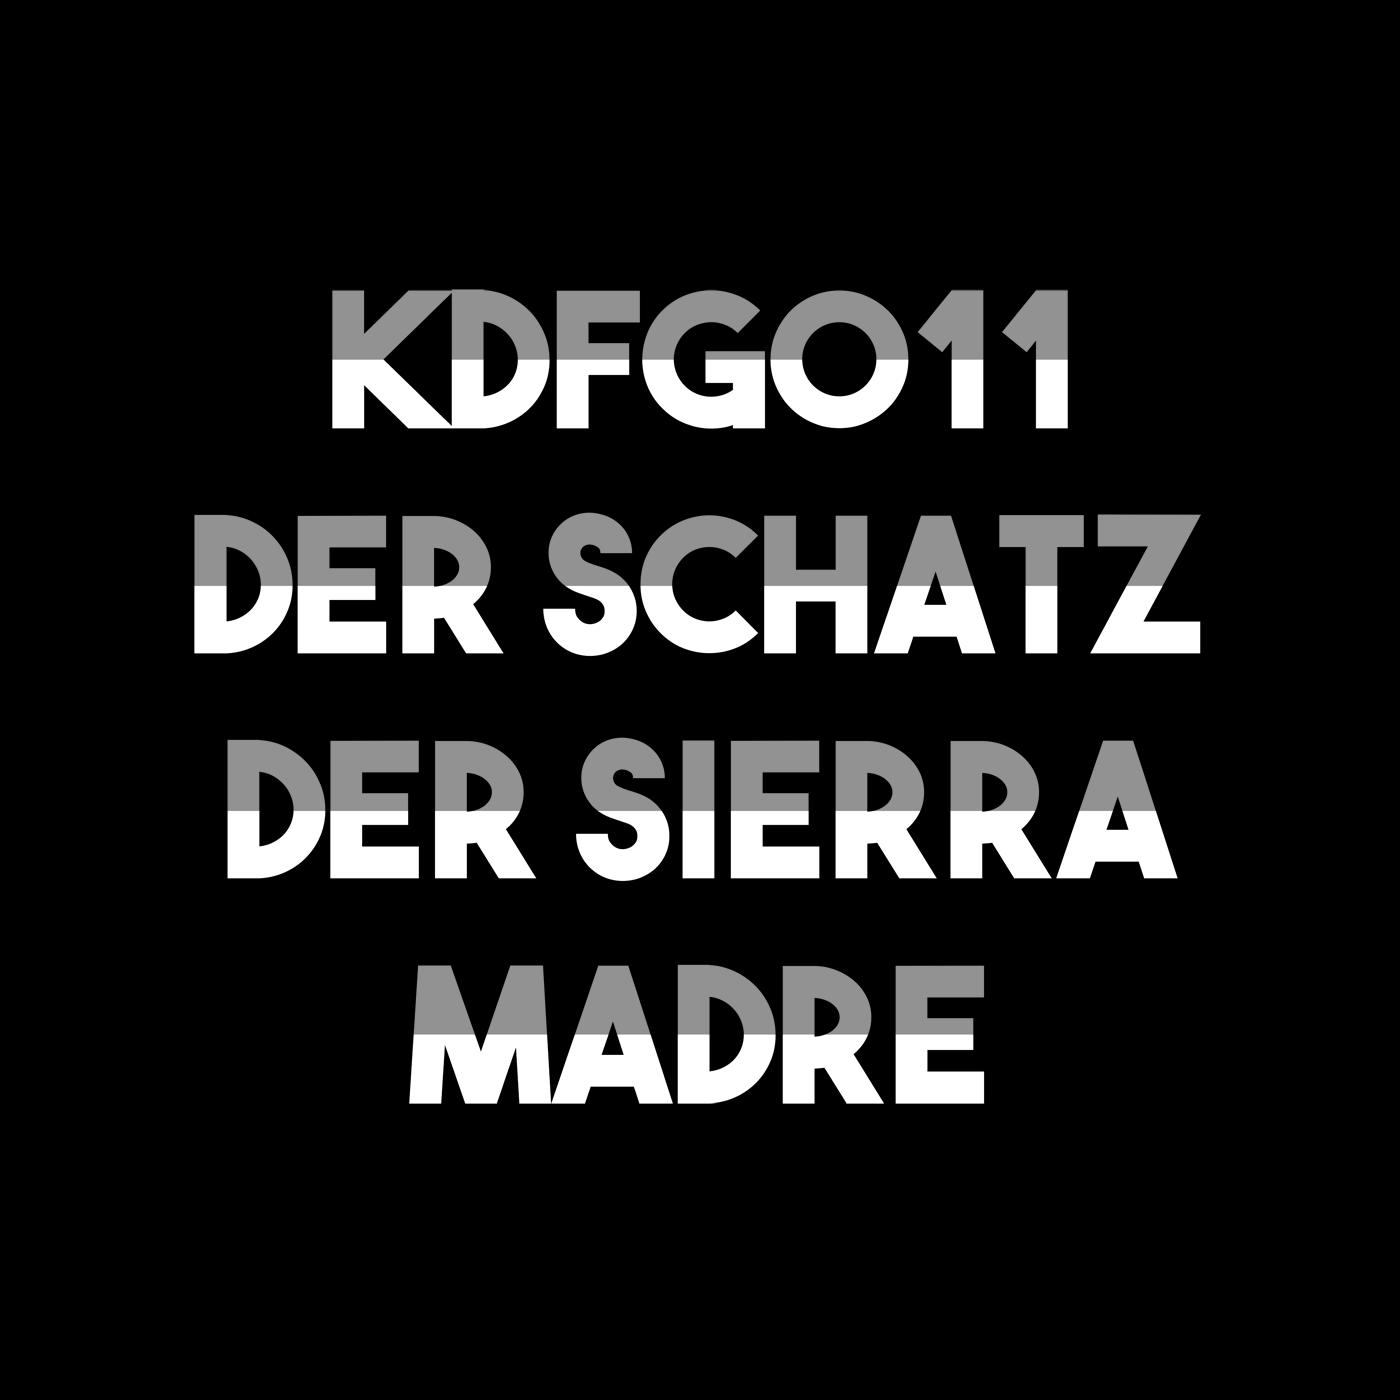 KdFg011 Der Schatz der Sierra Madre